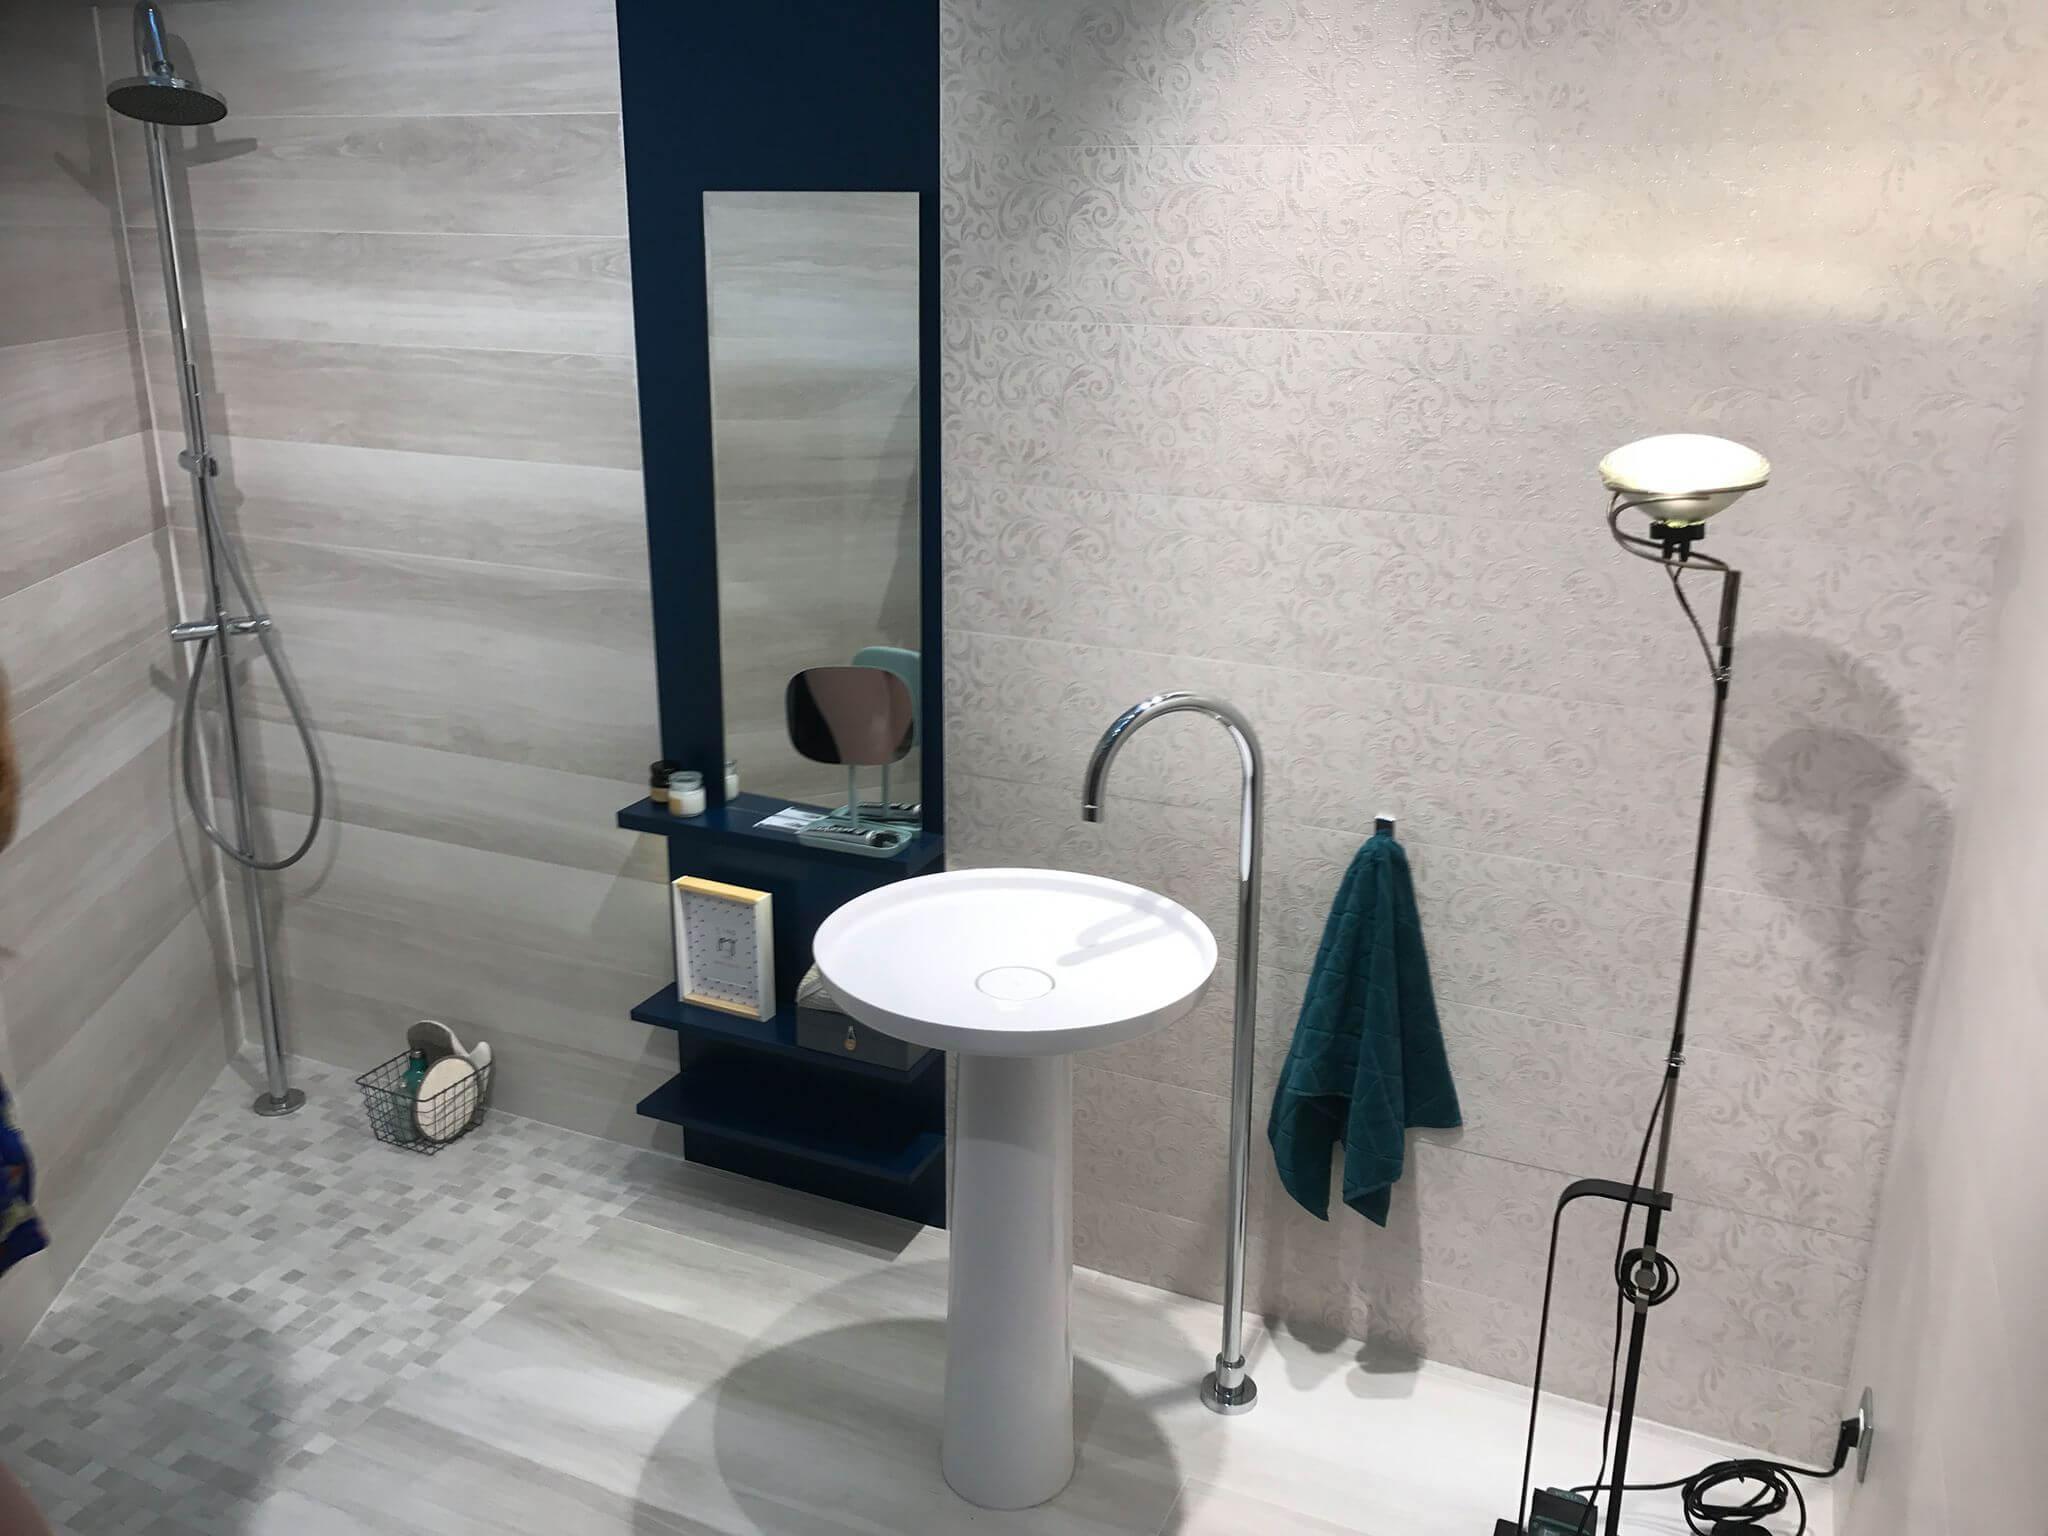 Ganz viel Klarheit ist gefragt was oft daher kommt in der Farbe:Weiss. Die Kollektion eignen sich für die Keramik-Verkleidung im Bad.